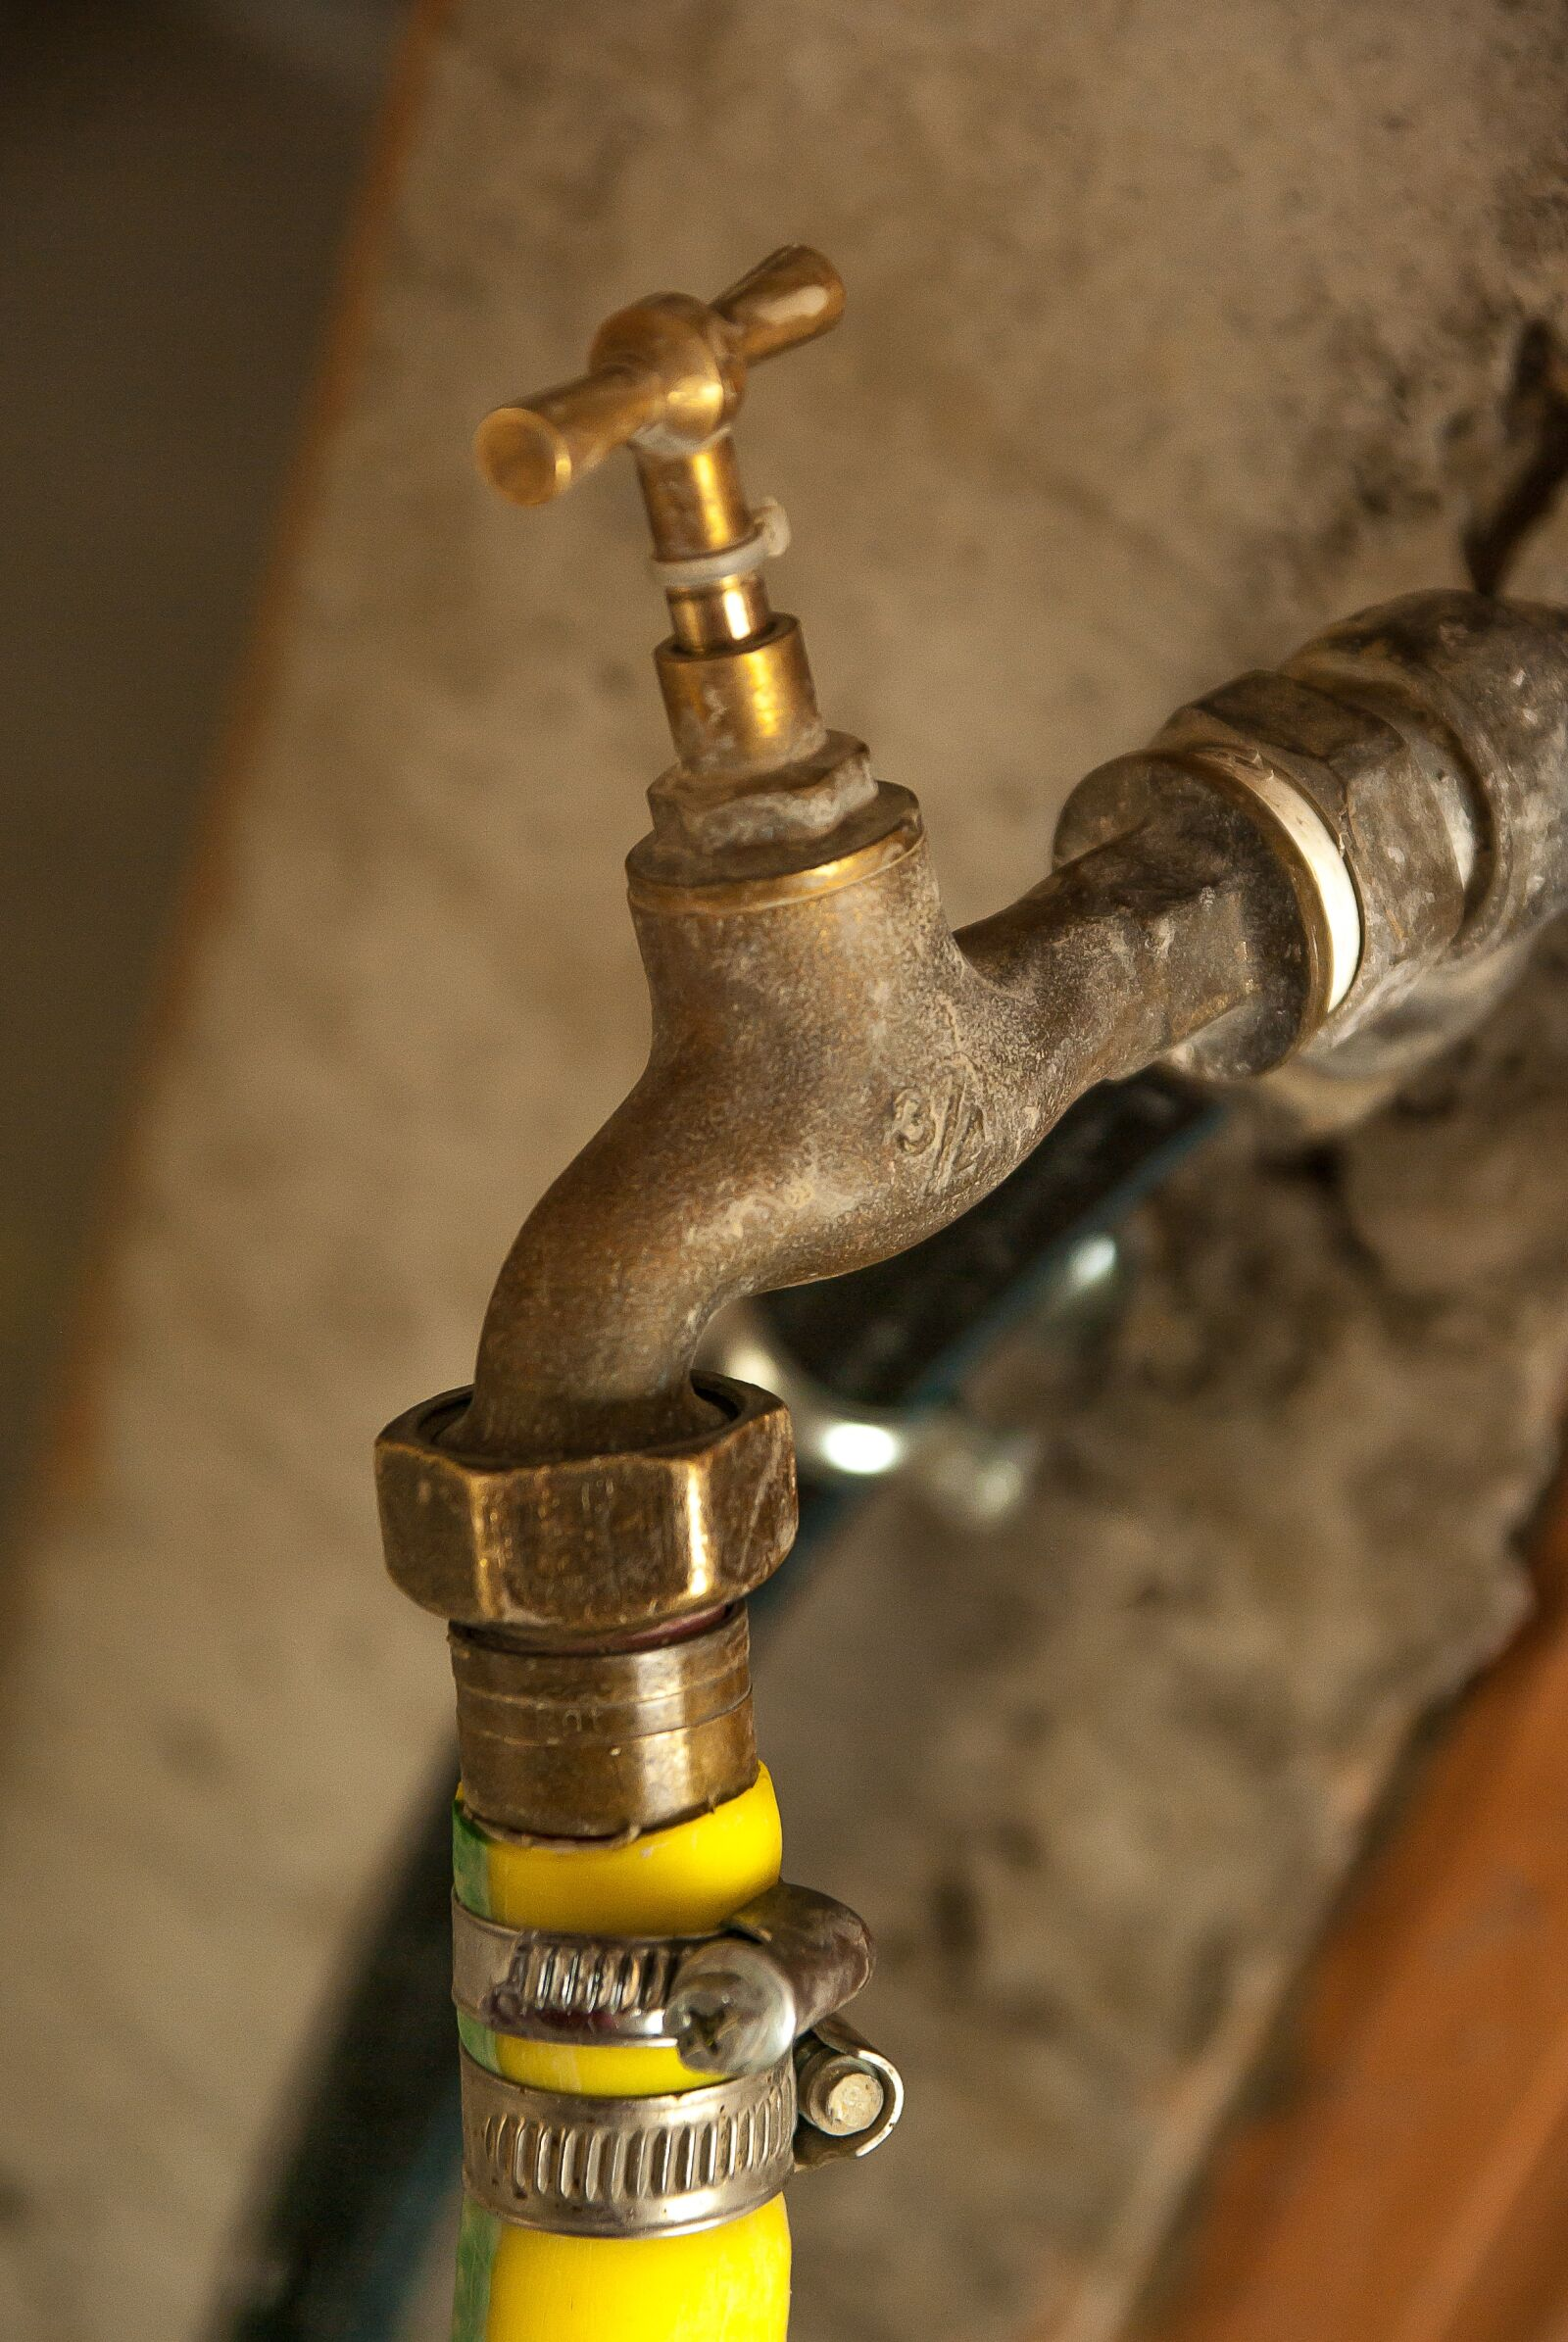 """Pentax K10D sample photo. """"Plumbing, faucet, hose"""" photography"""